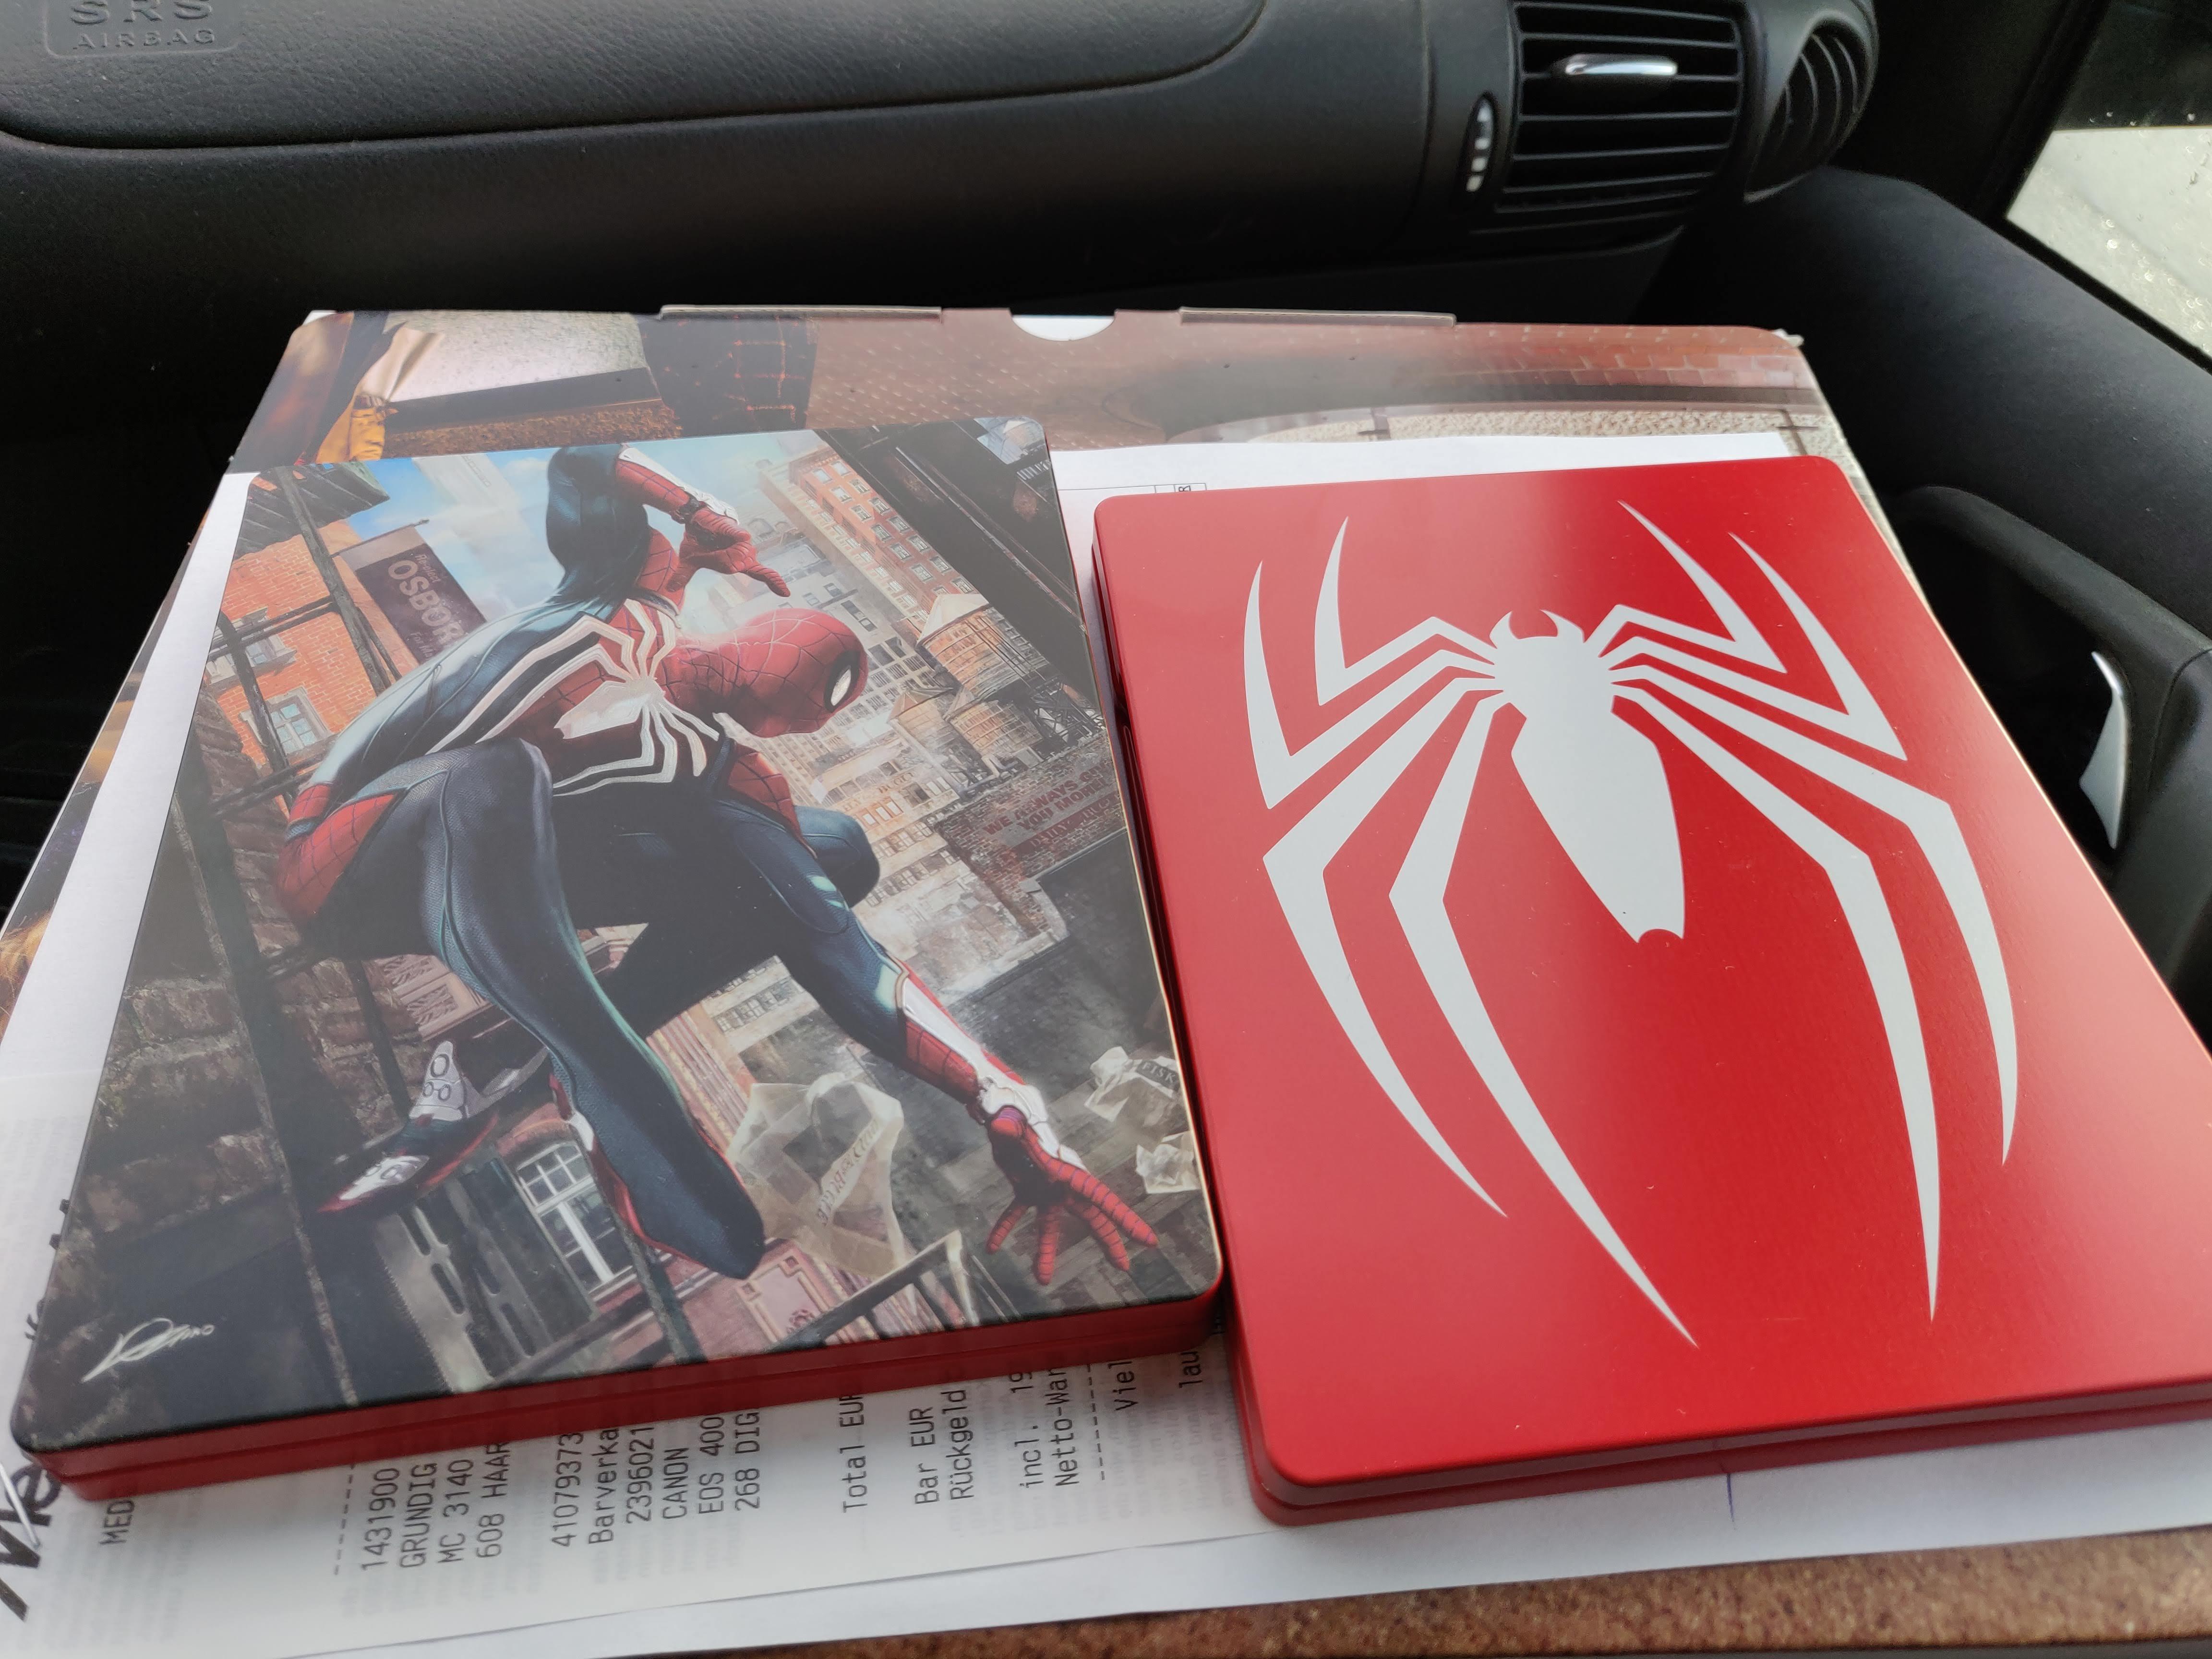 lokal media markt landau pfalz spider man ps4 steelbook. Black Bedroom Furniture Sets. Home Design Ideas